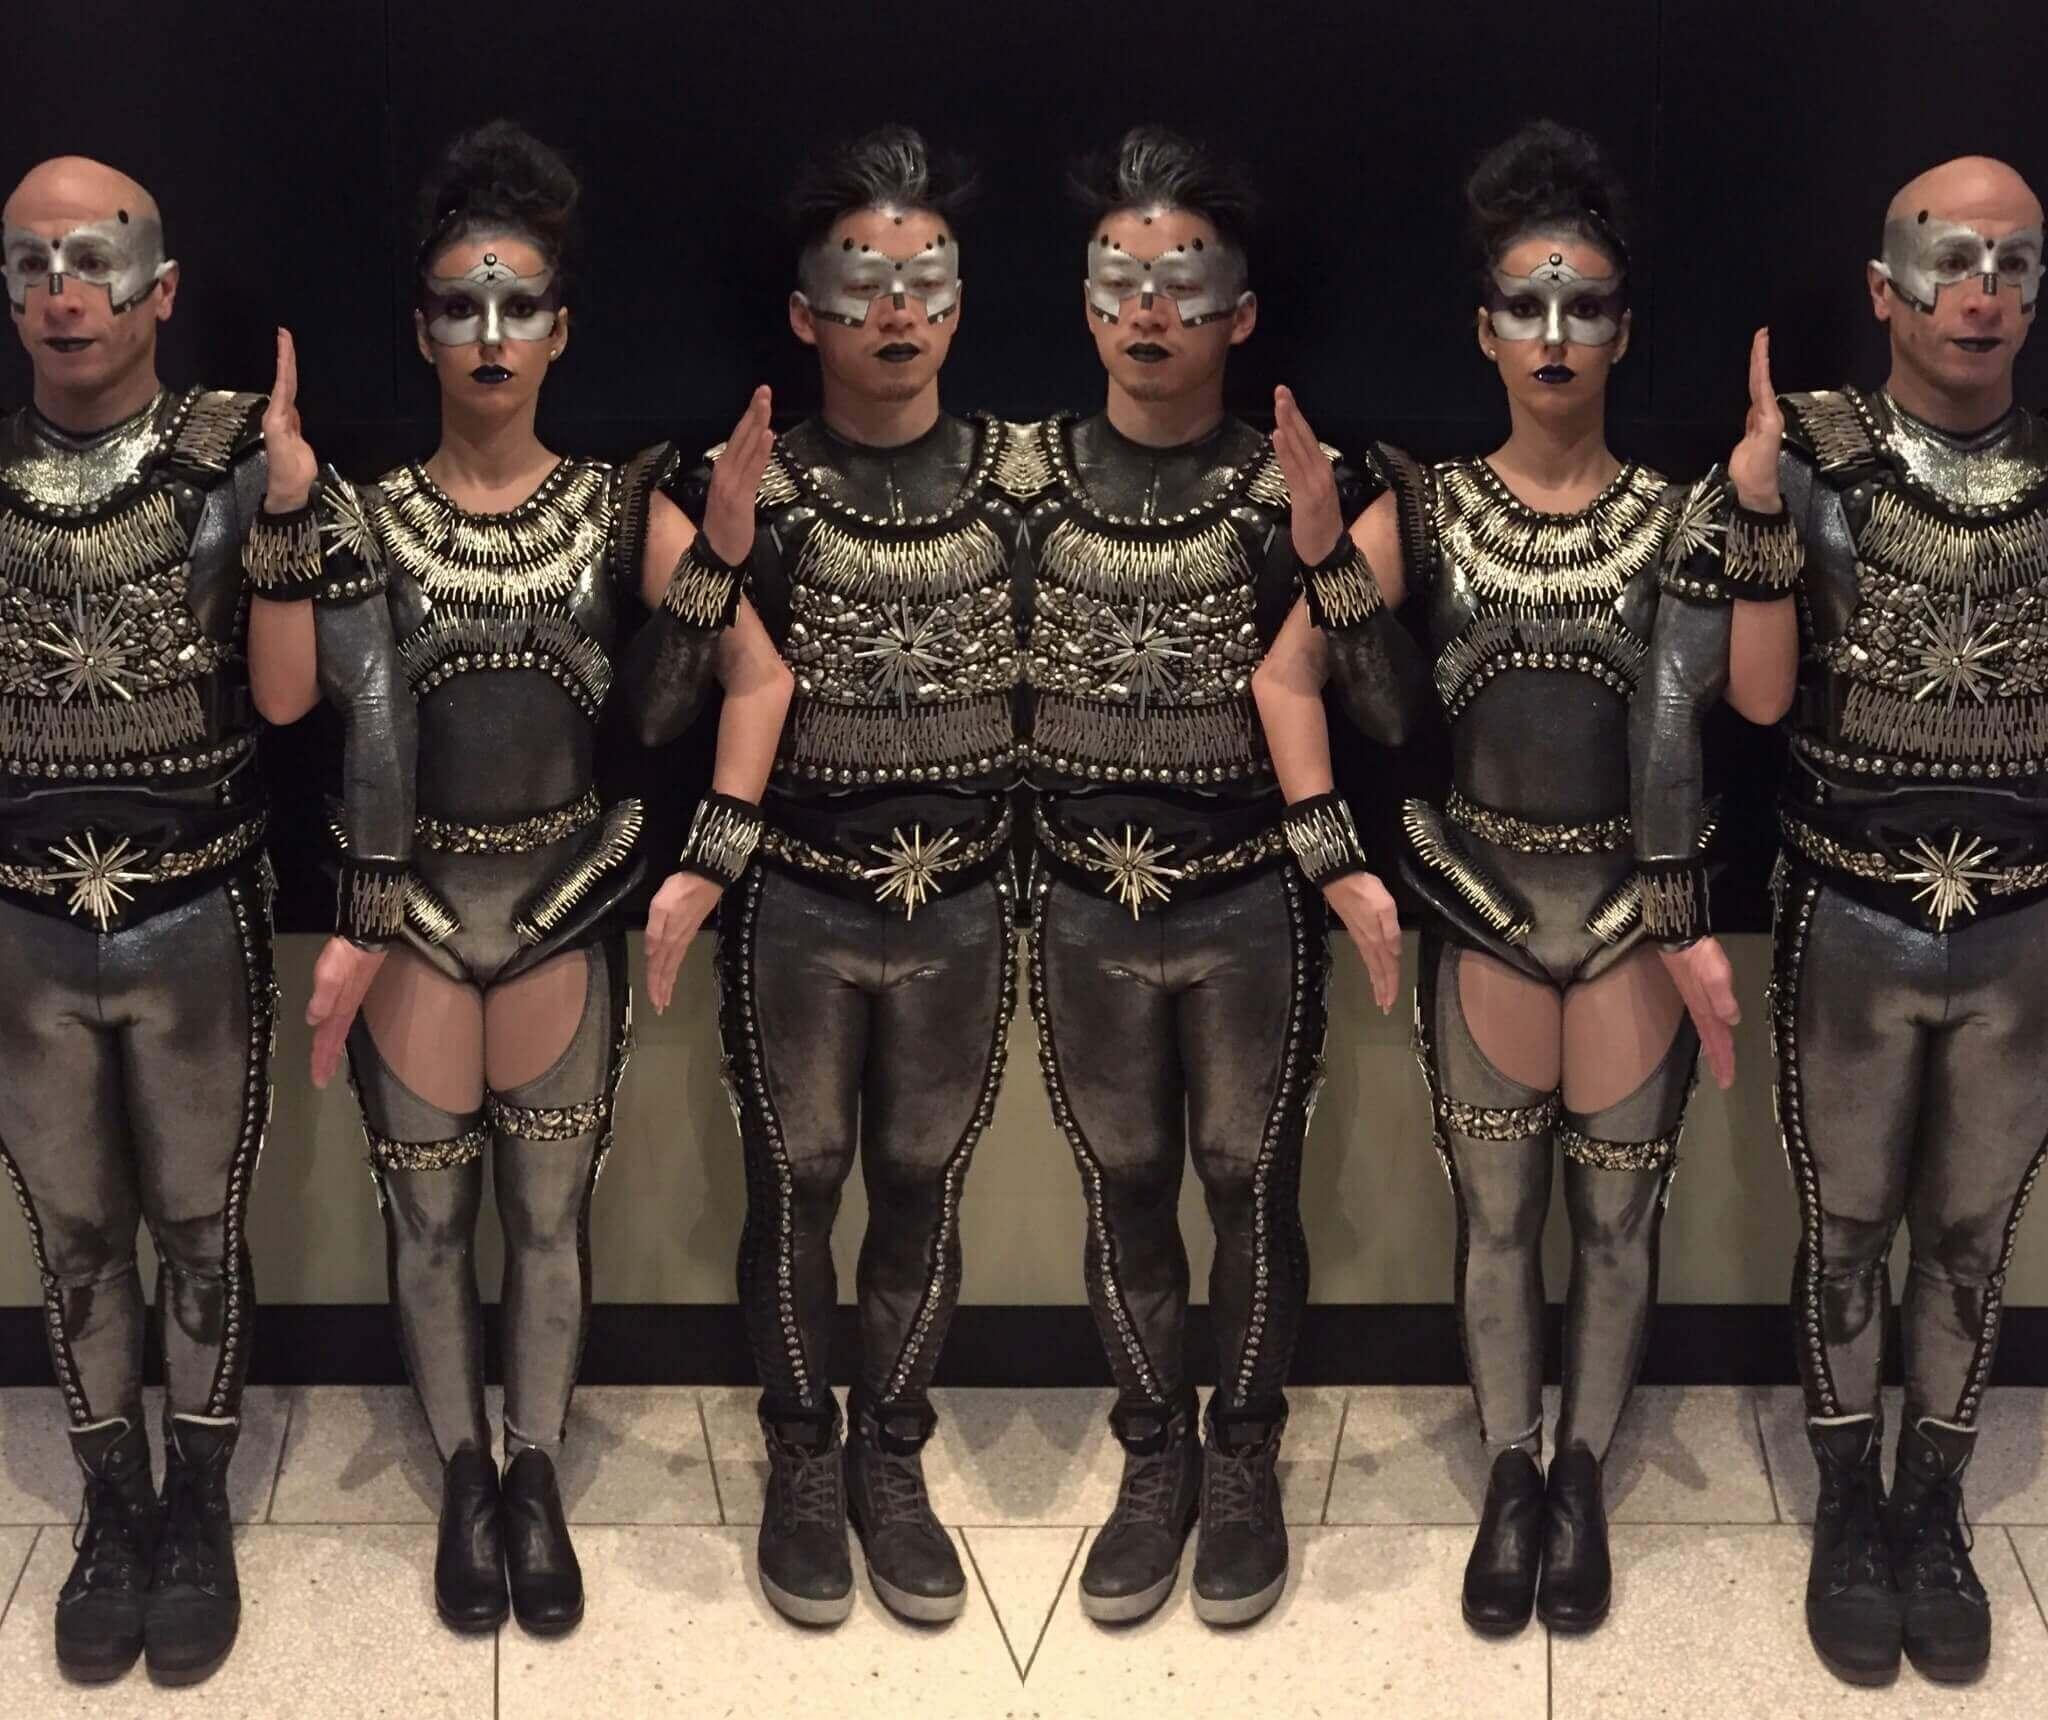 Futuristic Dancers